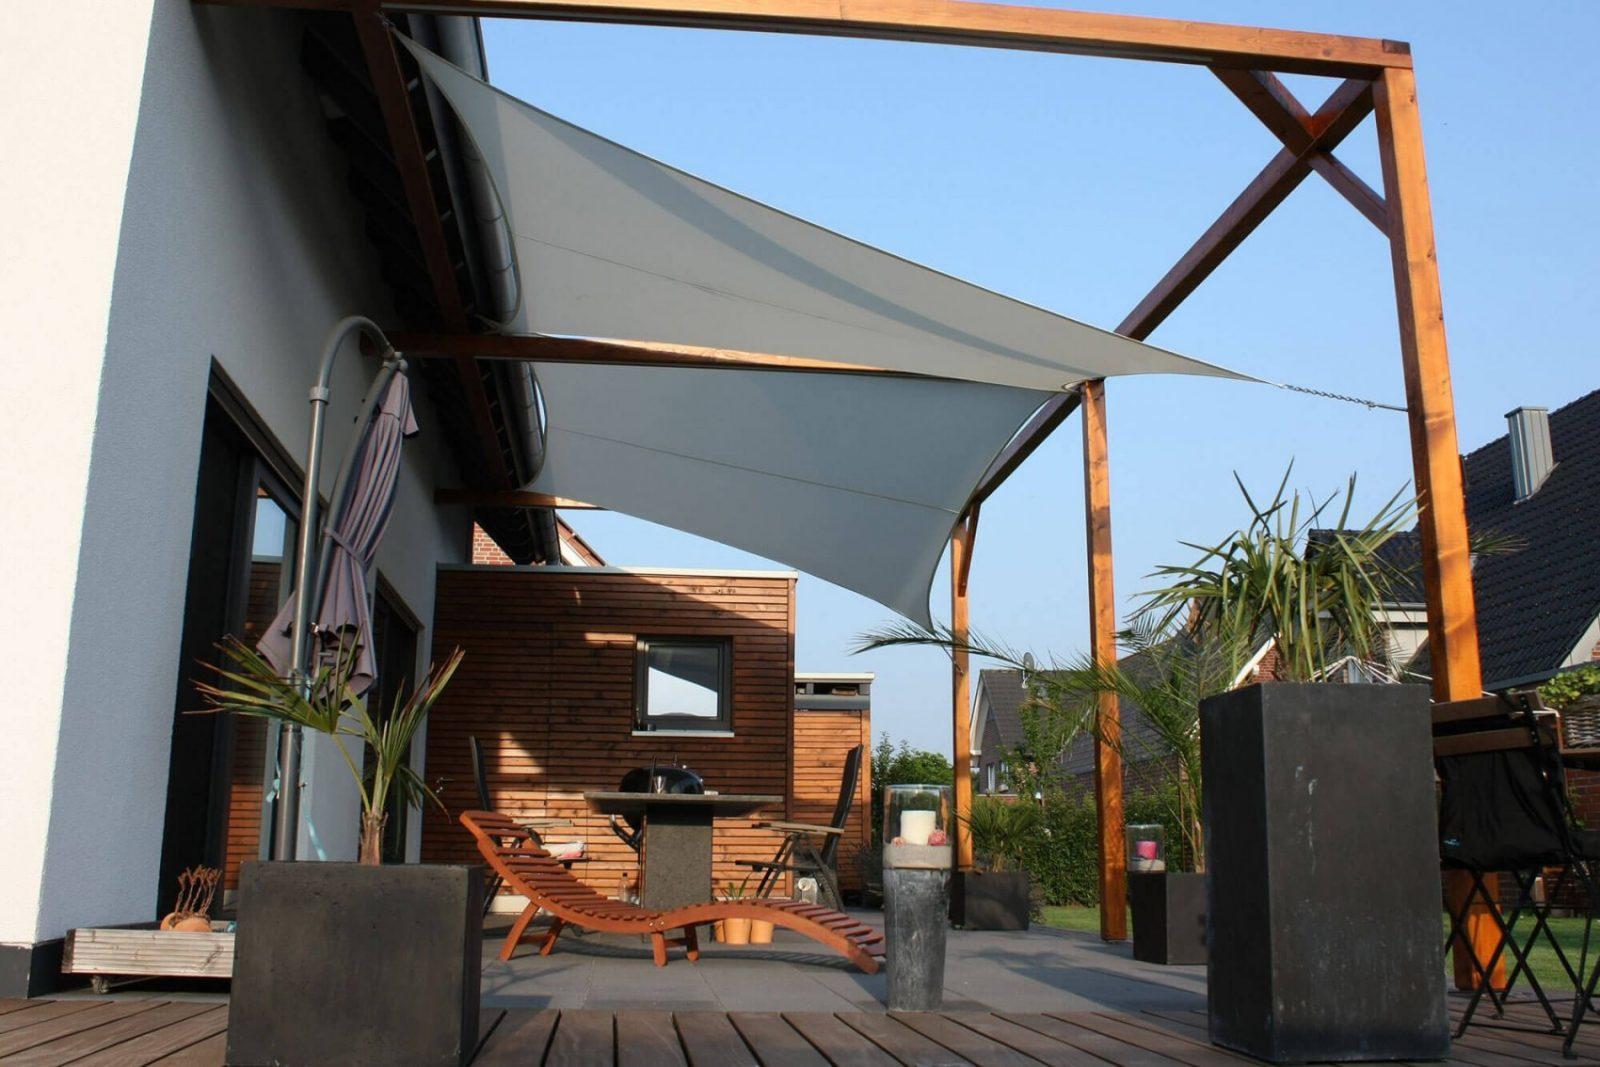 Sonnensegel Balkon Ohne Bohren Good Katzennetz Ohne Ist Luxus Planen von Sonnensegel Balkon Ohne Bohren Bild